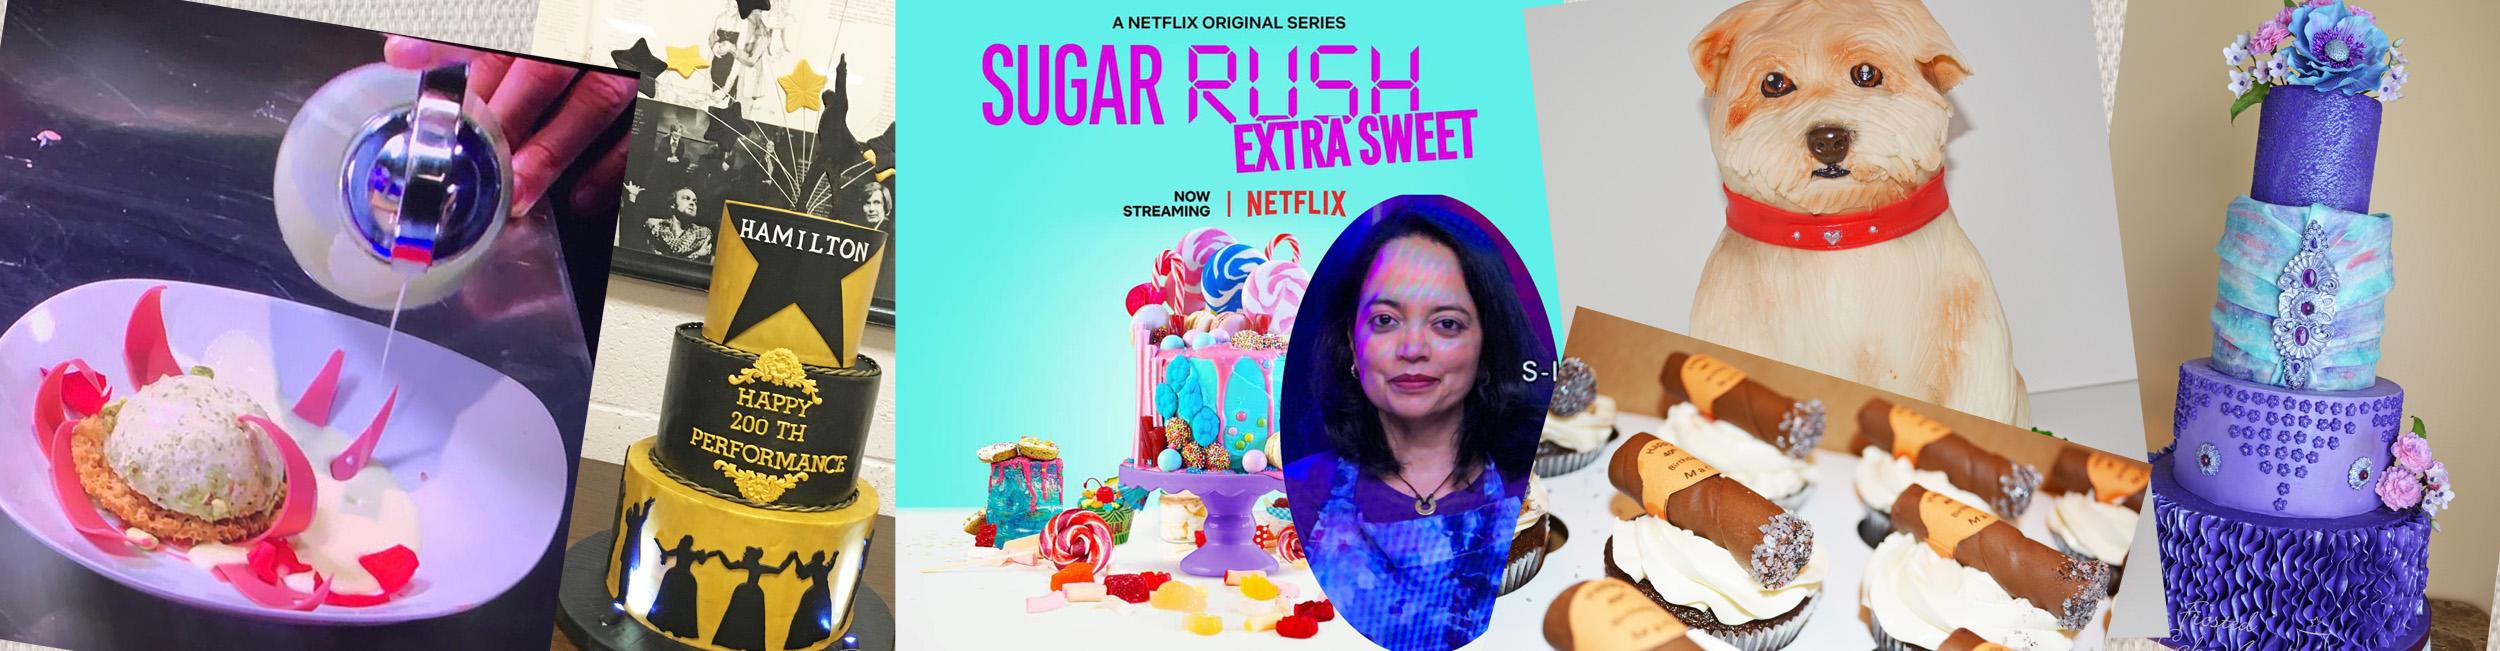 Netflix Sugar Rush Seema Acharya